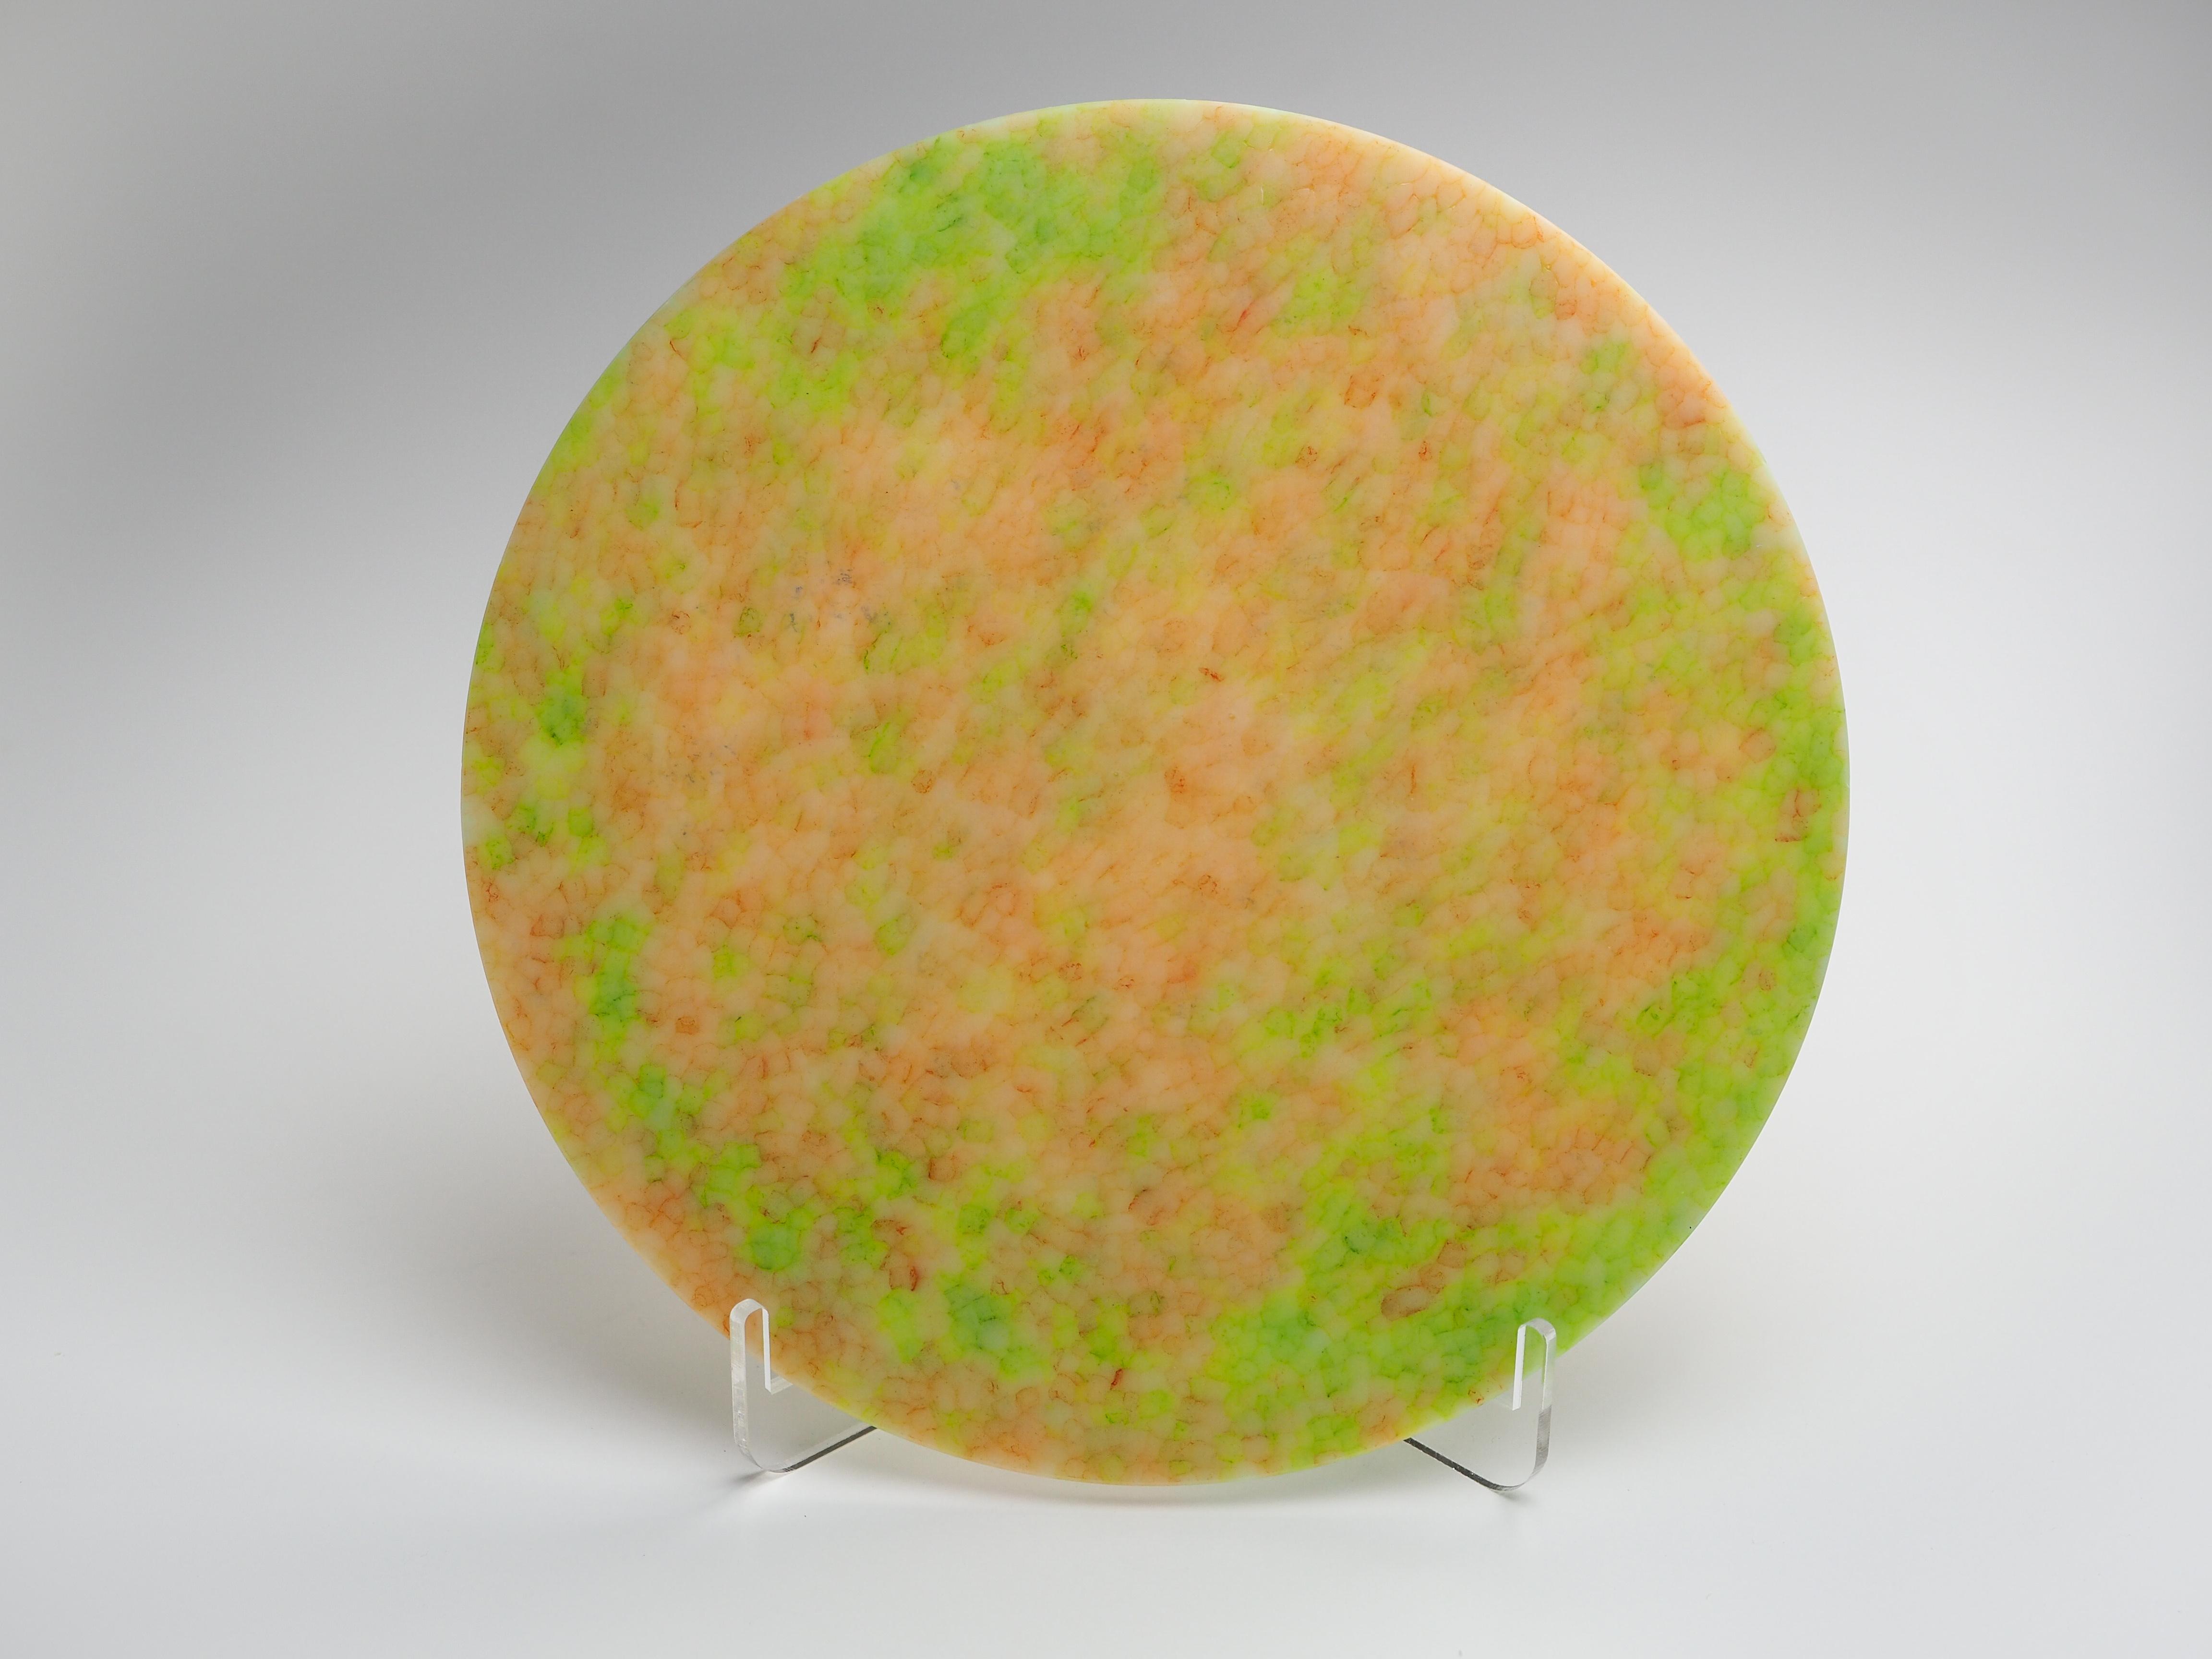 インテリアプレート-N(黄緑×オレンジ)ip-n-5